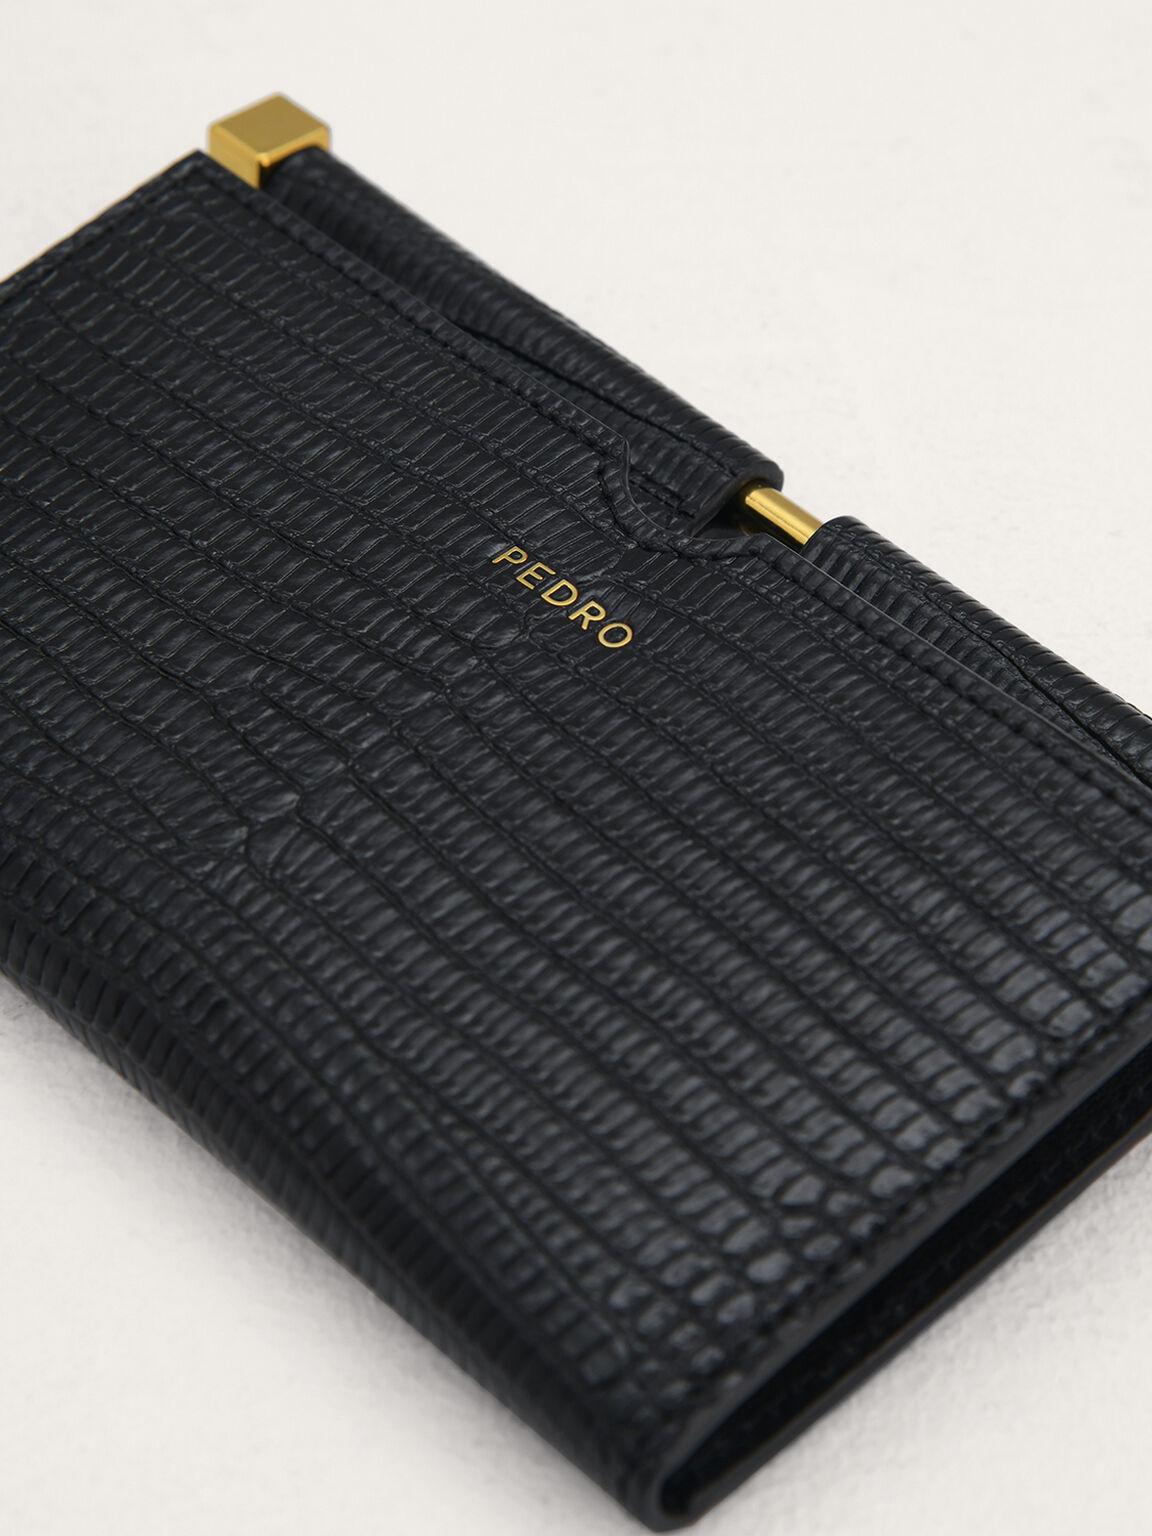 Lizard-Effect Leather Card Holder, Black, hi-res